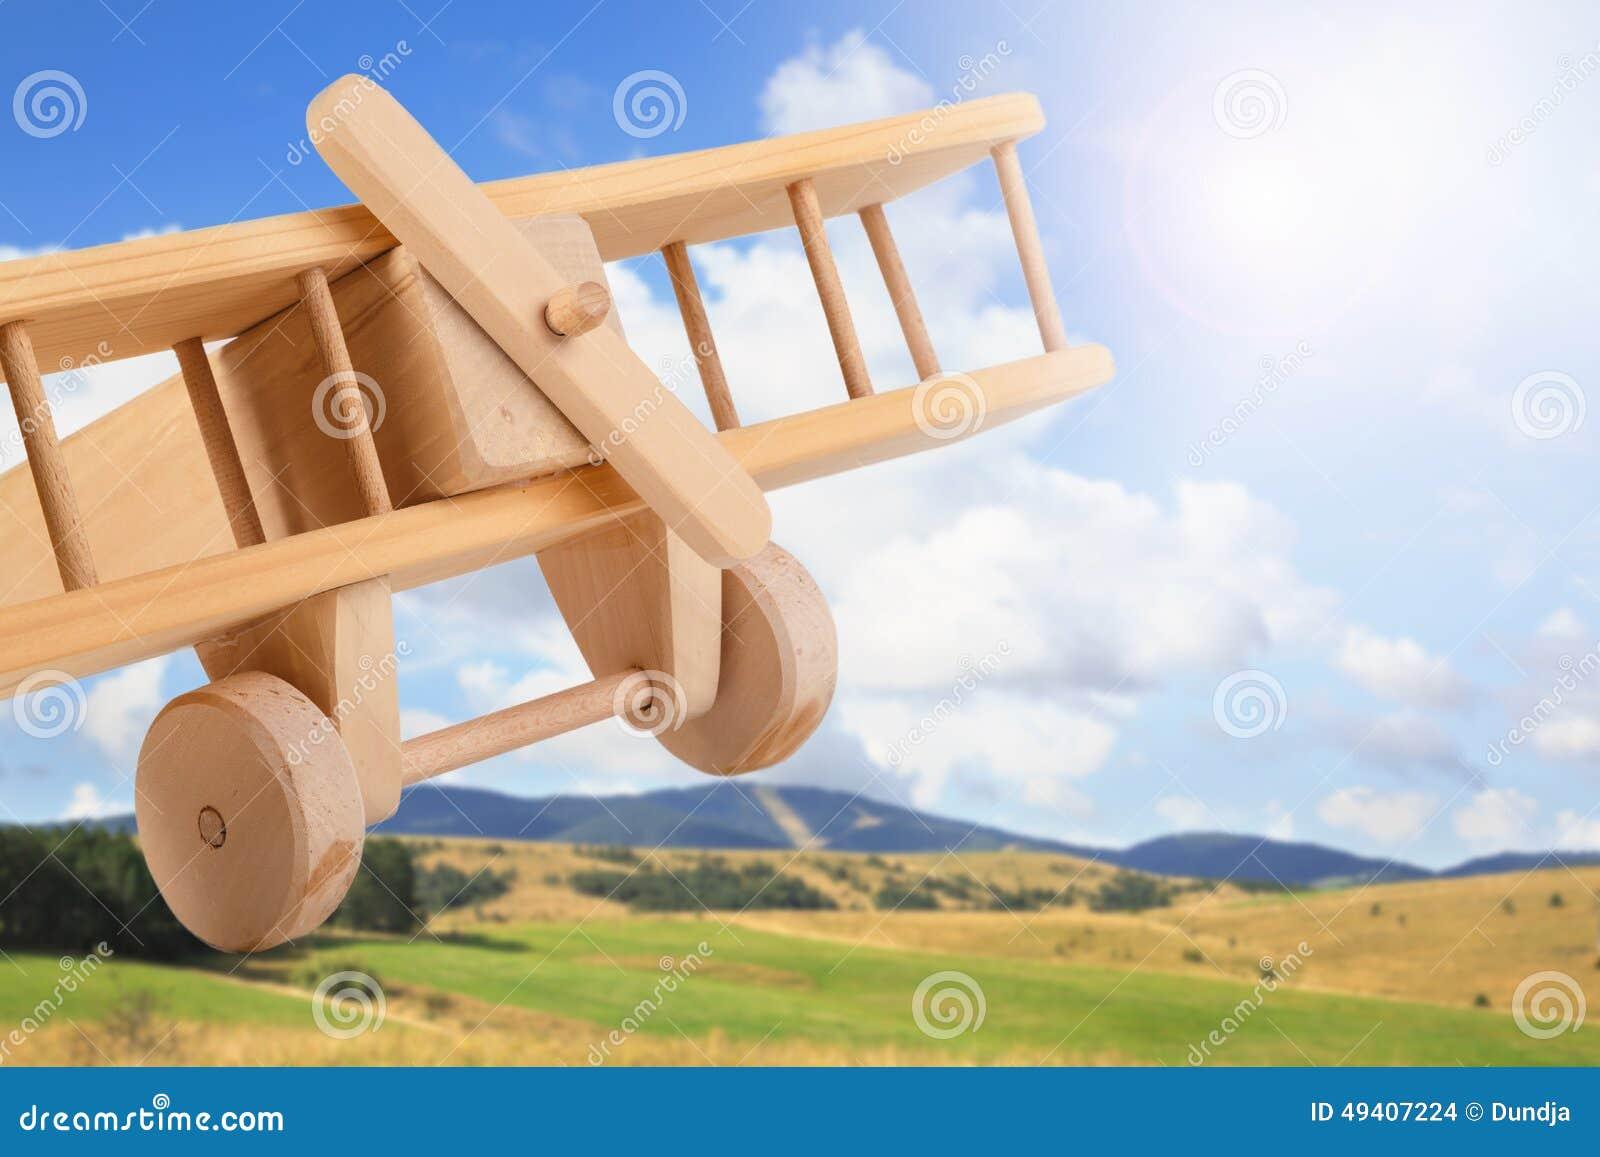 Download Hölzernes Spielzeugflugzeug Stockfoto - Bild von grün, feiertag: 49407224